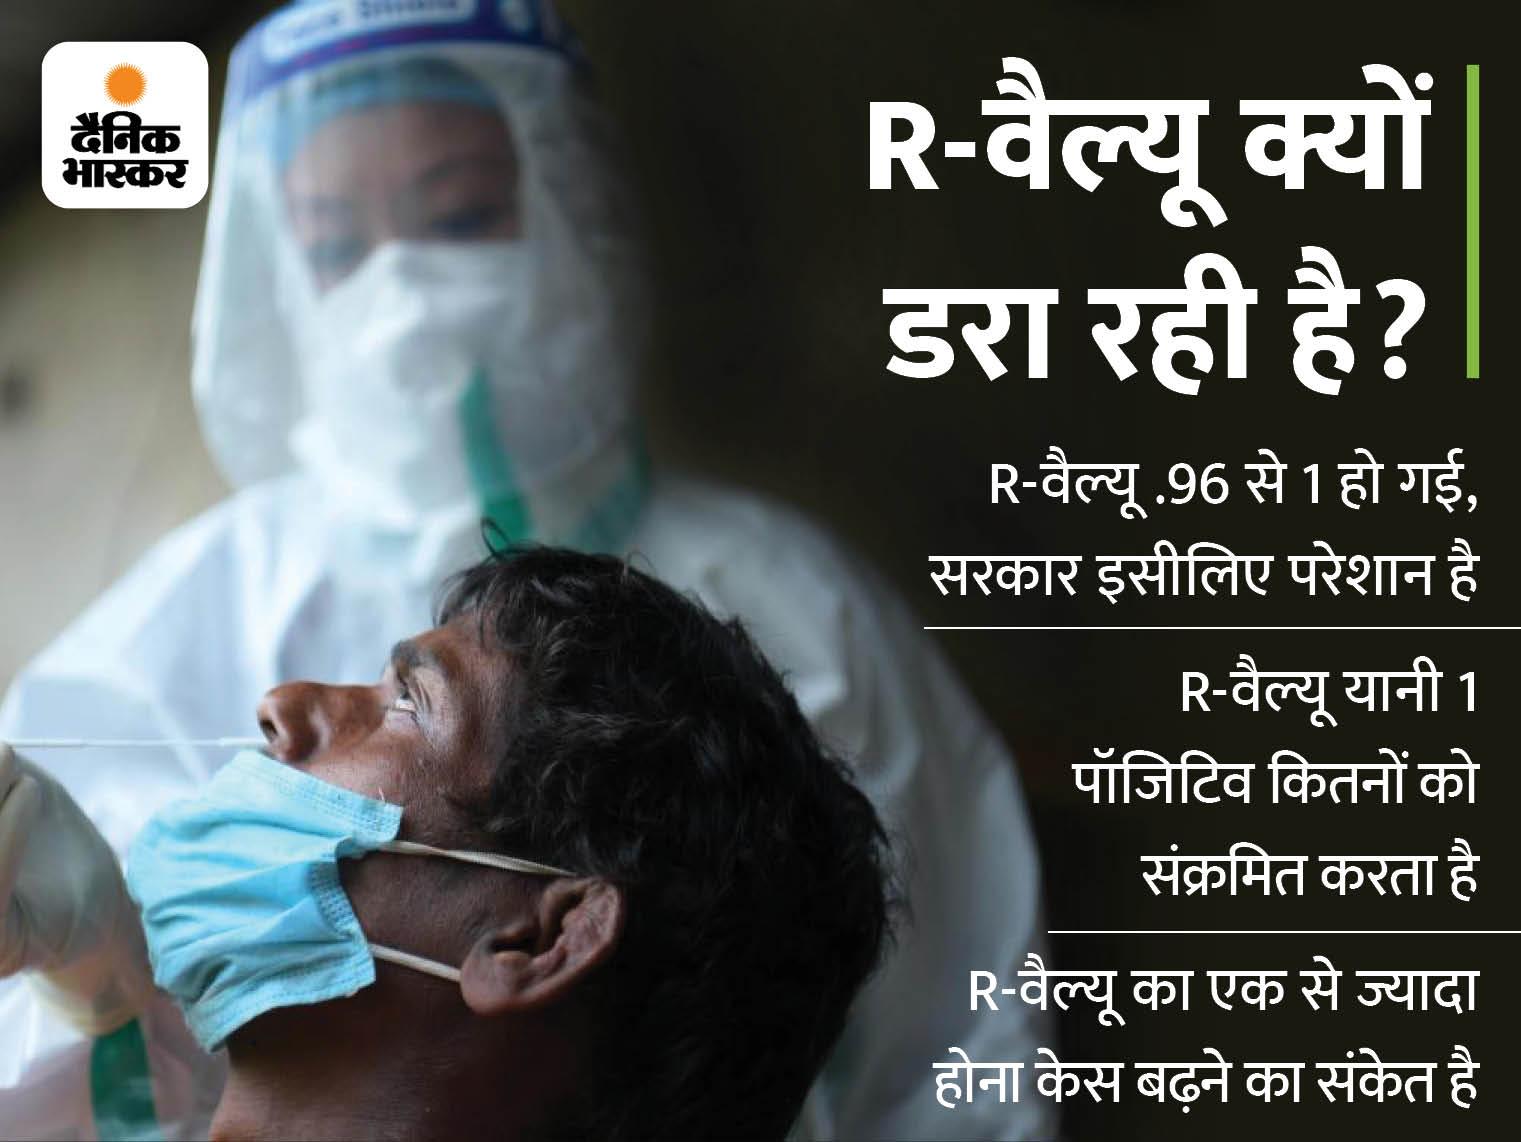 एक पॉजिटिव से दूसरों में संक्रमण की आशंका बढ़ी, सरकार बोली- जहां पॉजिटिविटी रेट 10% से ज्यादा, वहां सख्ती करें|देश,National - Dainik Bhaskar